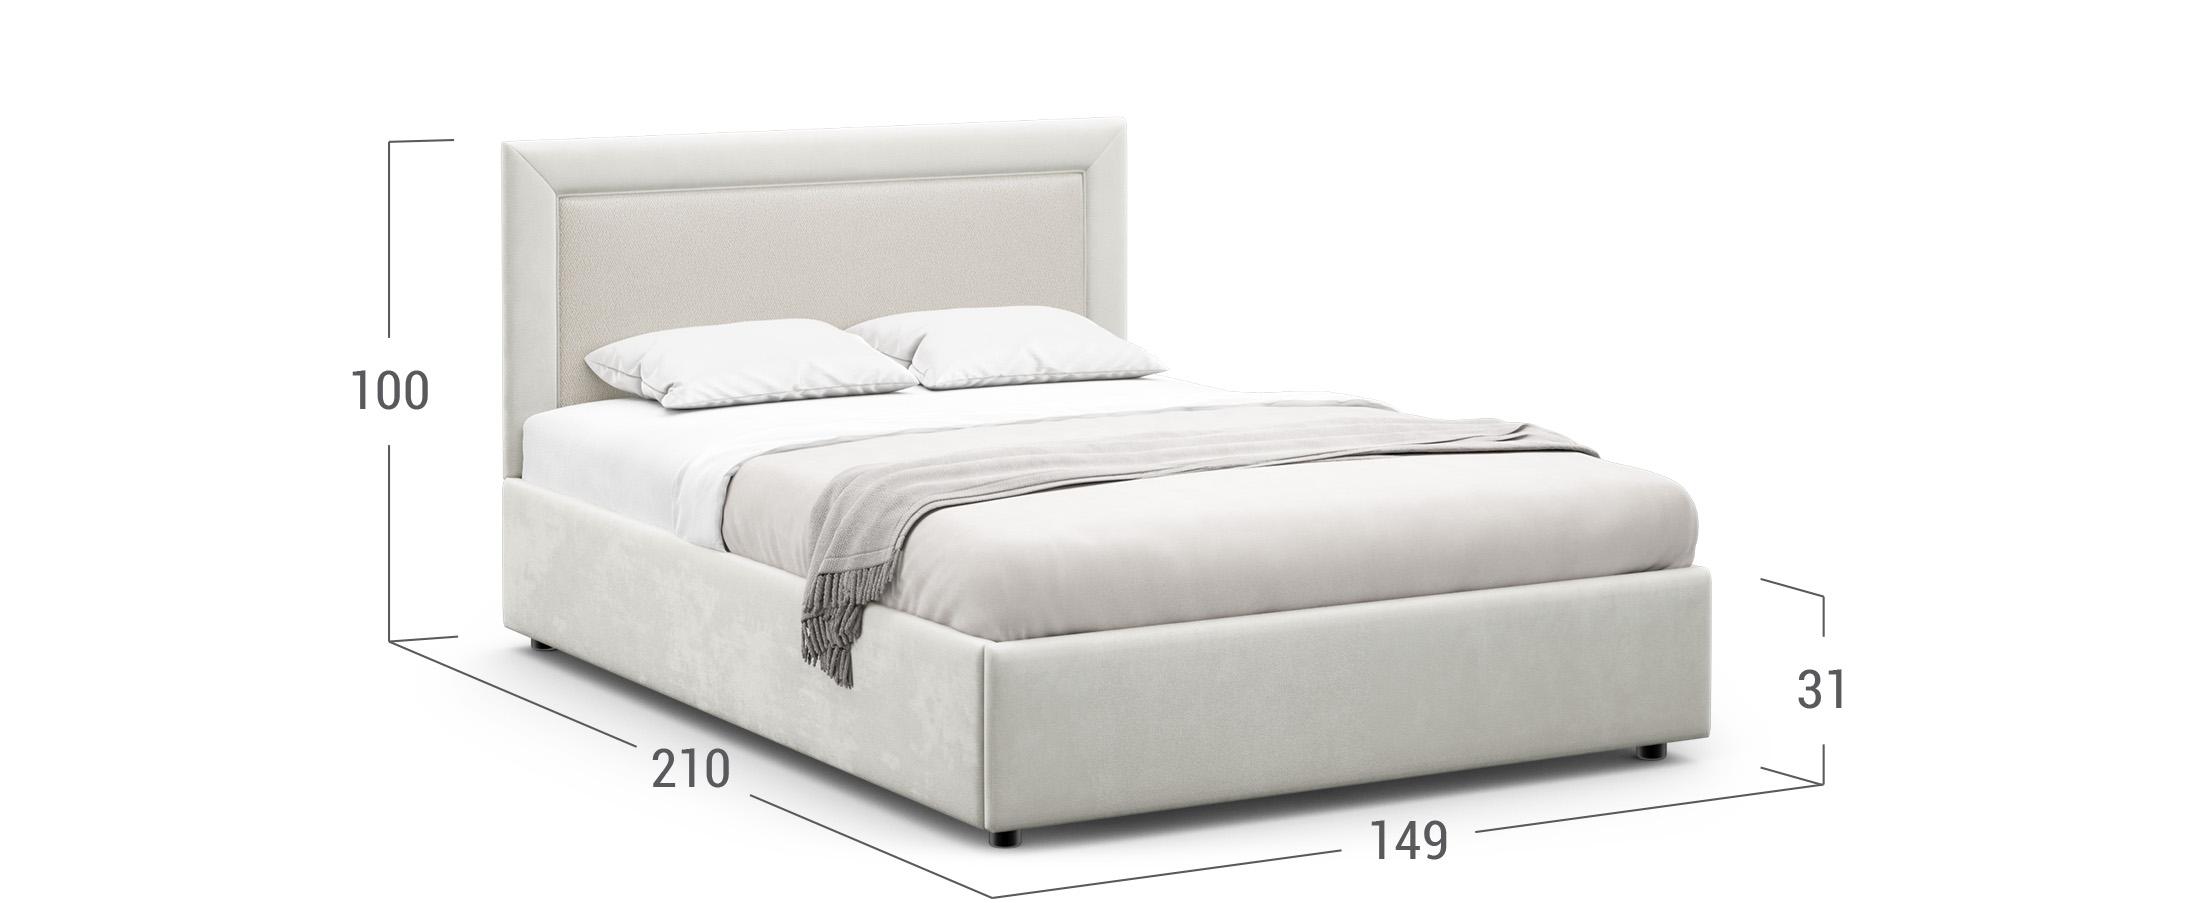 Кровать двуспальная Harley 140х200 Модель 1228